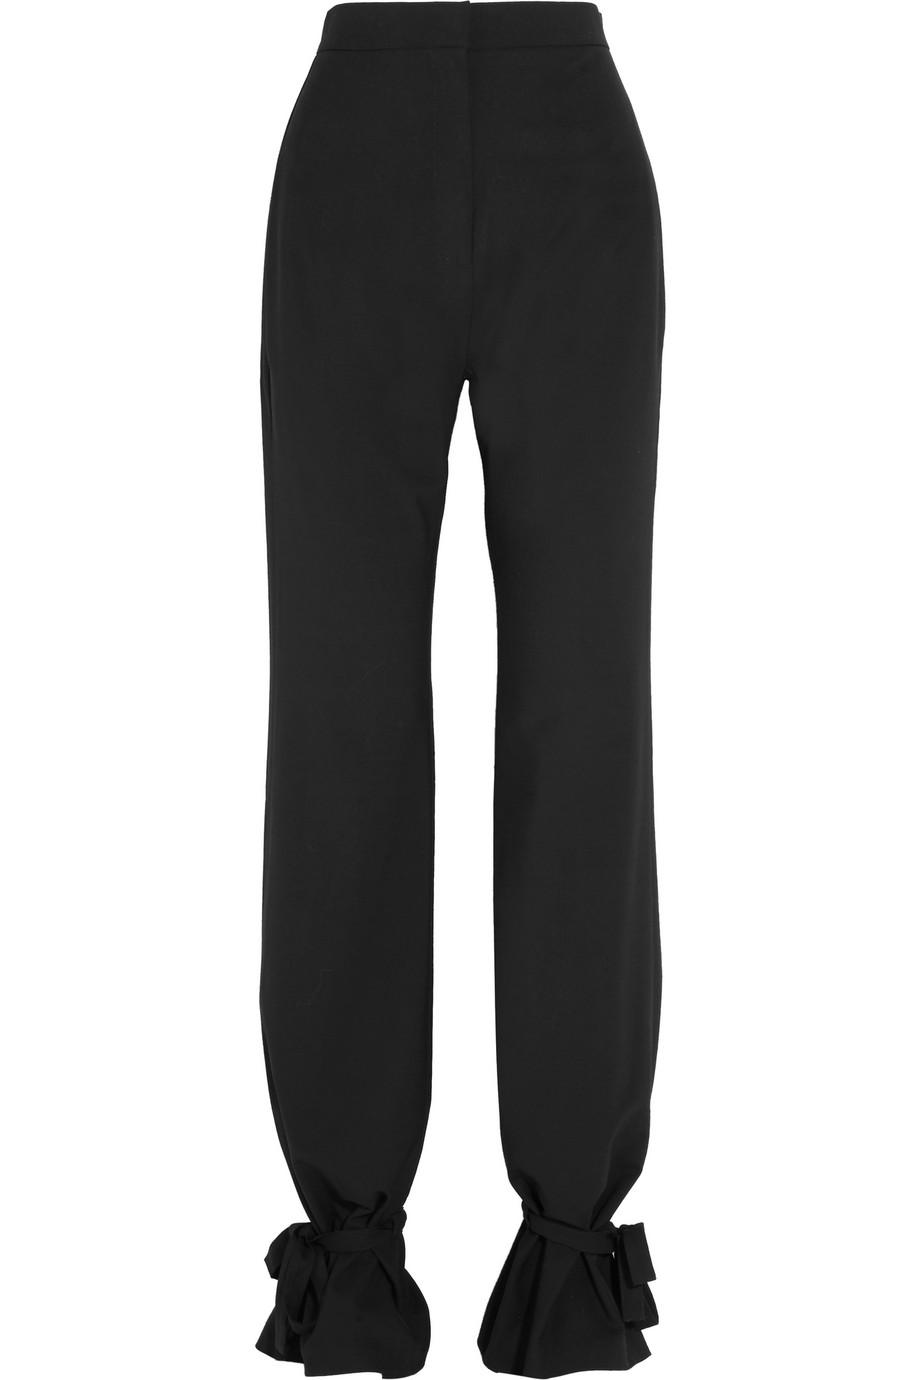 J.W.Anderson Tie-Detailed Stretch-Piqué Wide-Leg Pants, Black, Women's, Size: 8